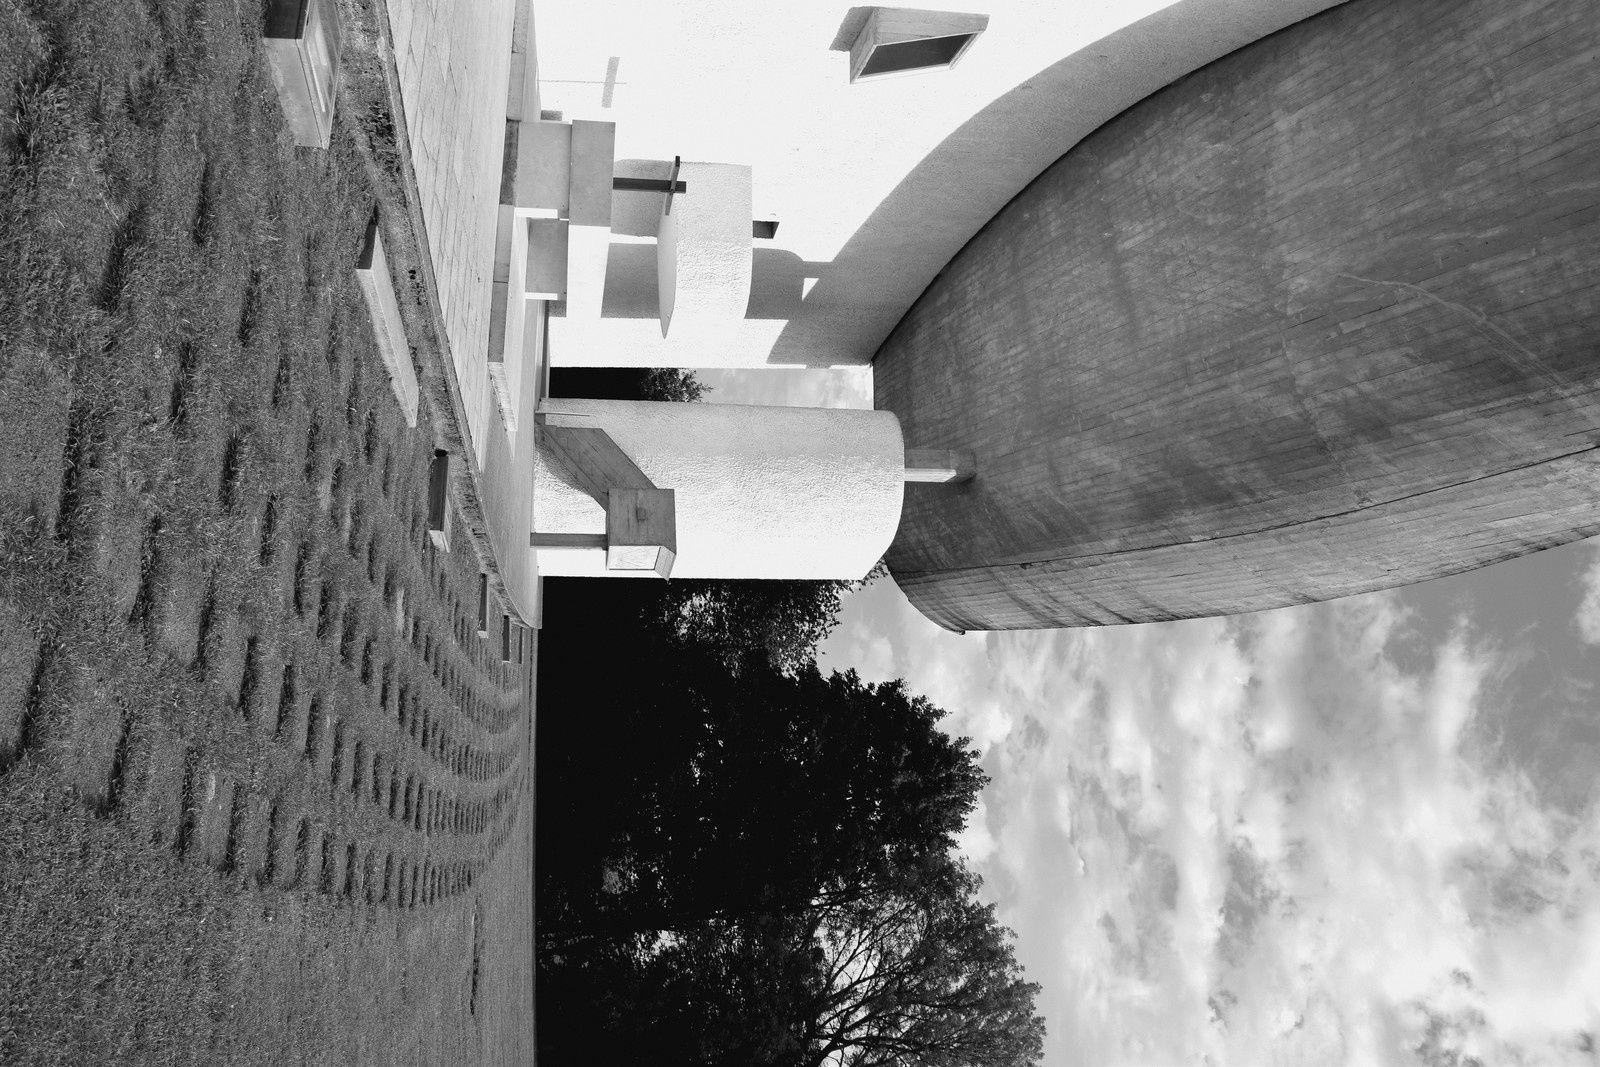 Le Corbusier à Ronchamp - Notre-Dame du Haut